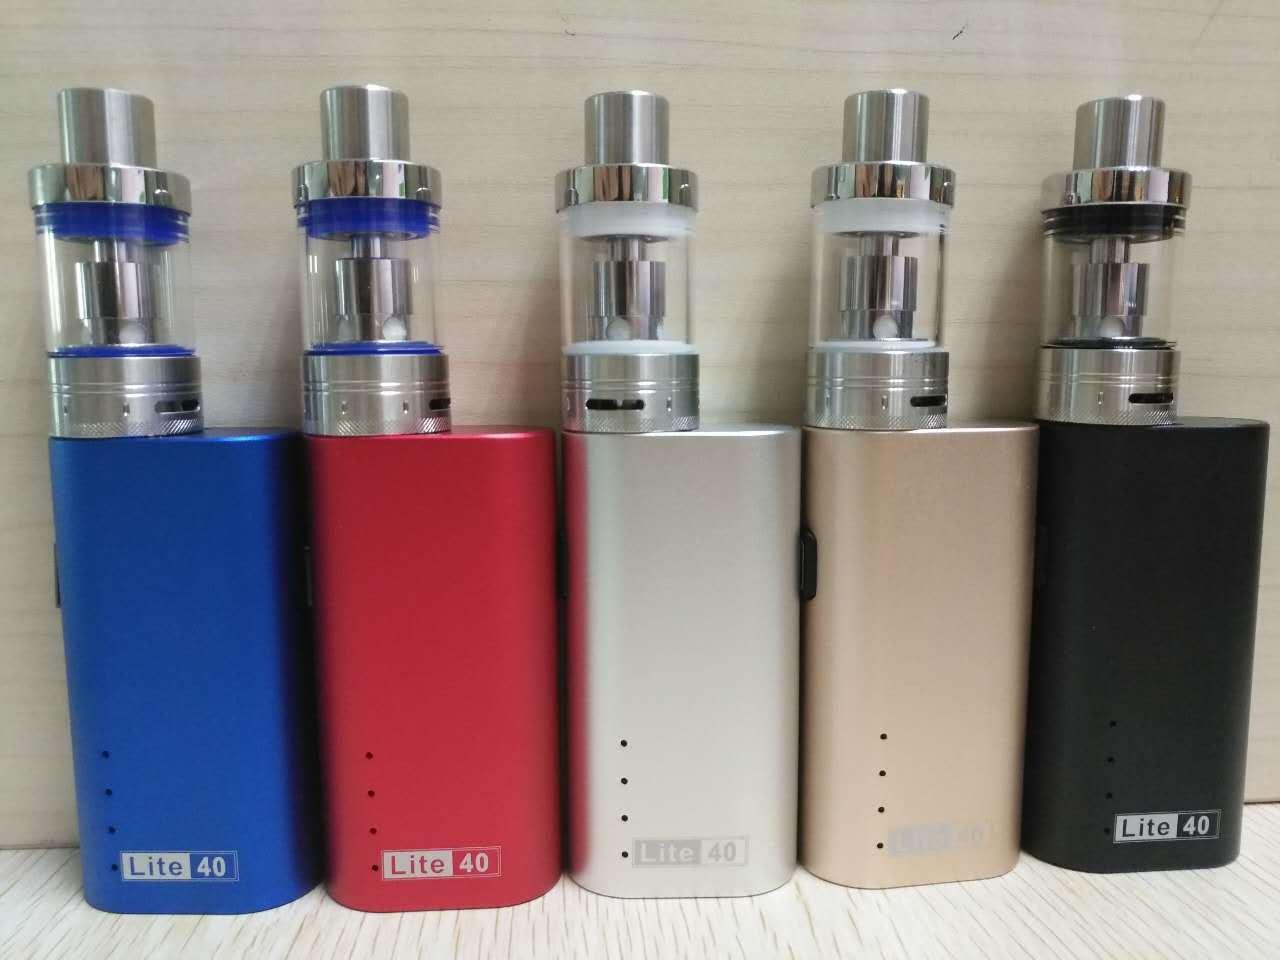 Lite 40 Box Mod Kit Health Electronic Cigarette